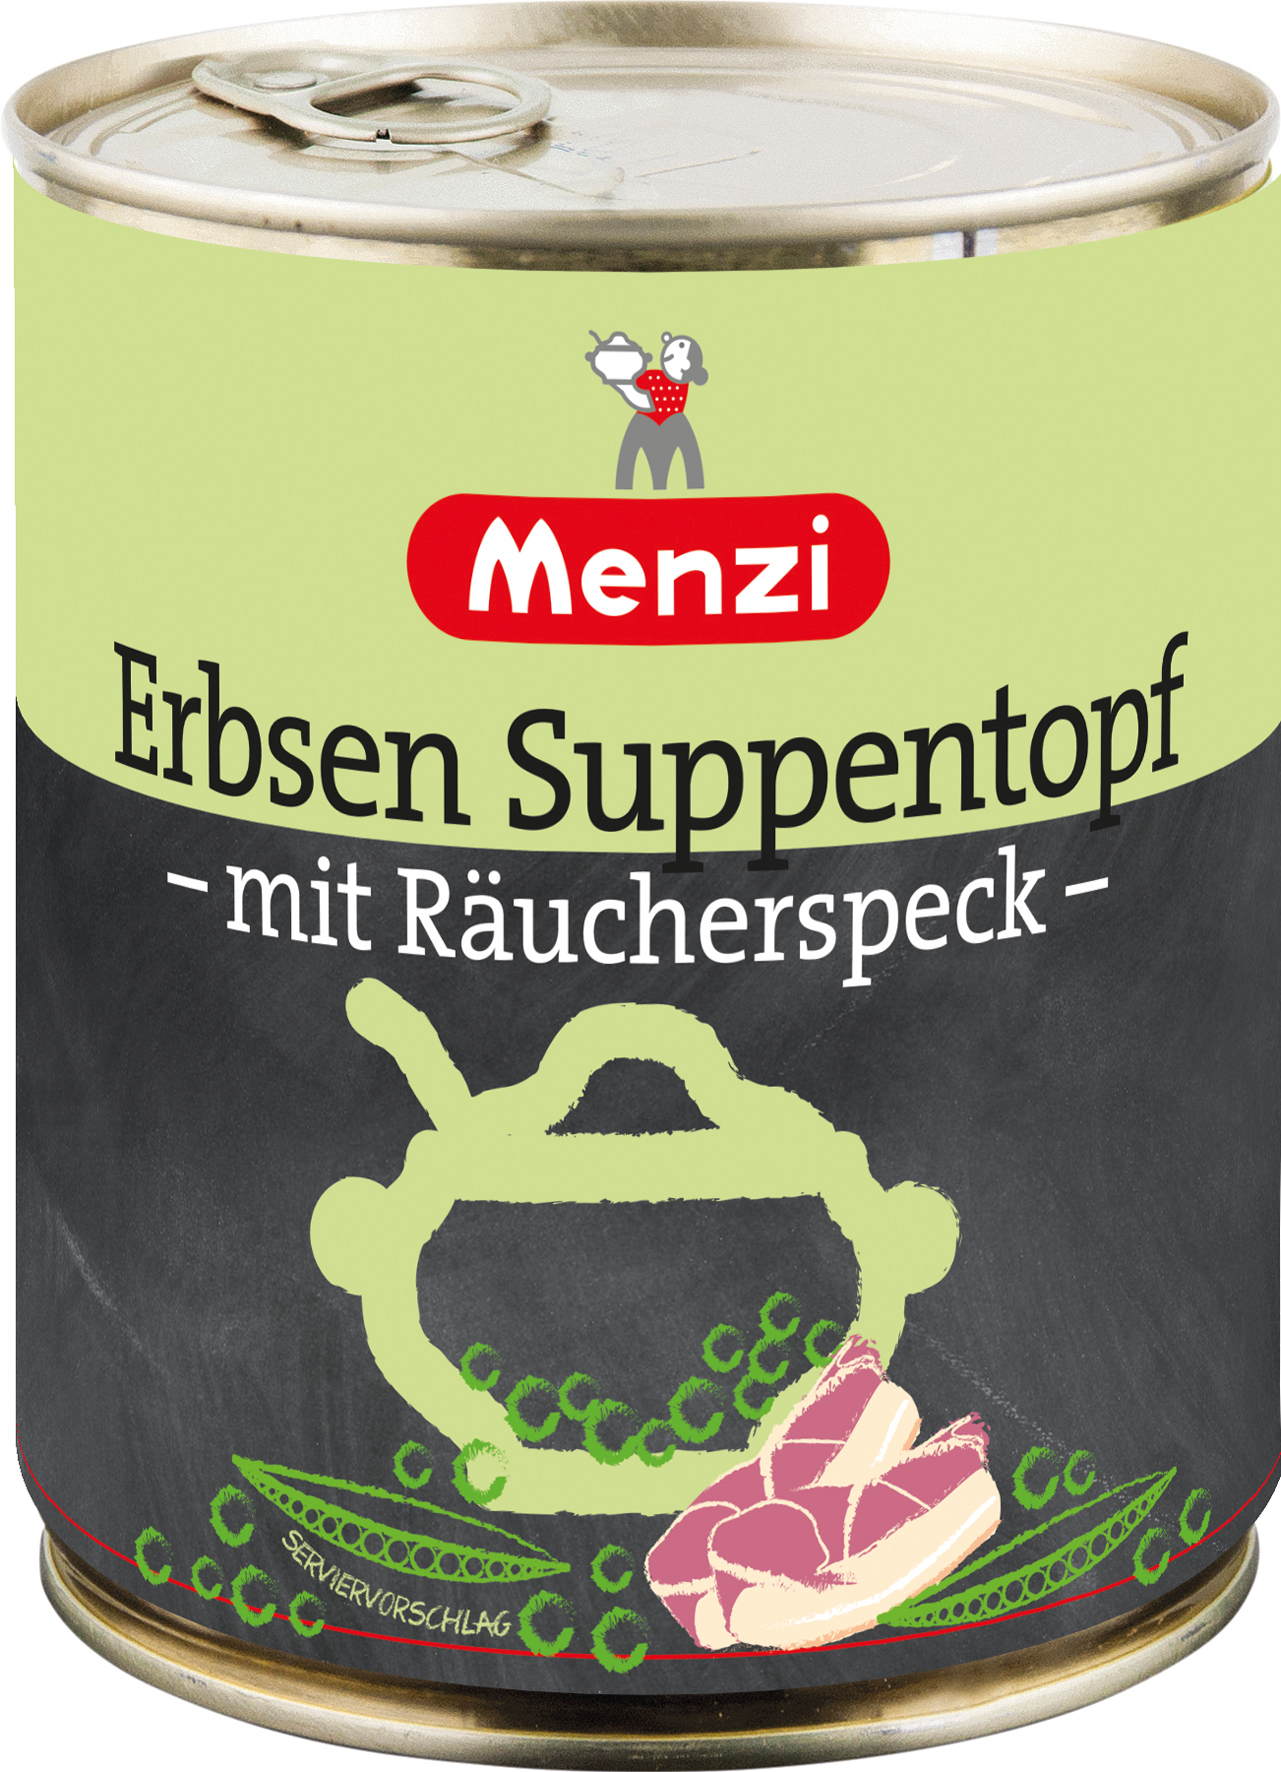 erbsen-suppentopf-mit-raucherspeck-von-menzi-800g